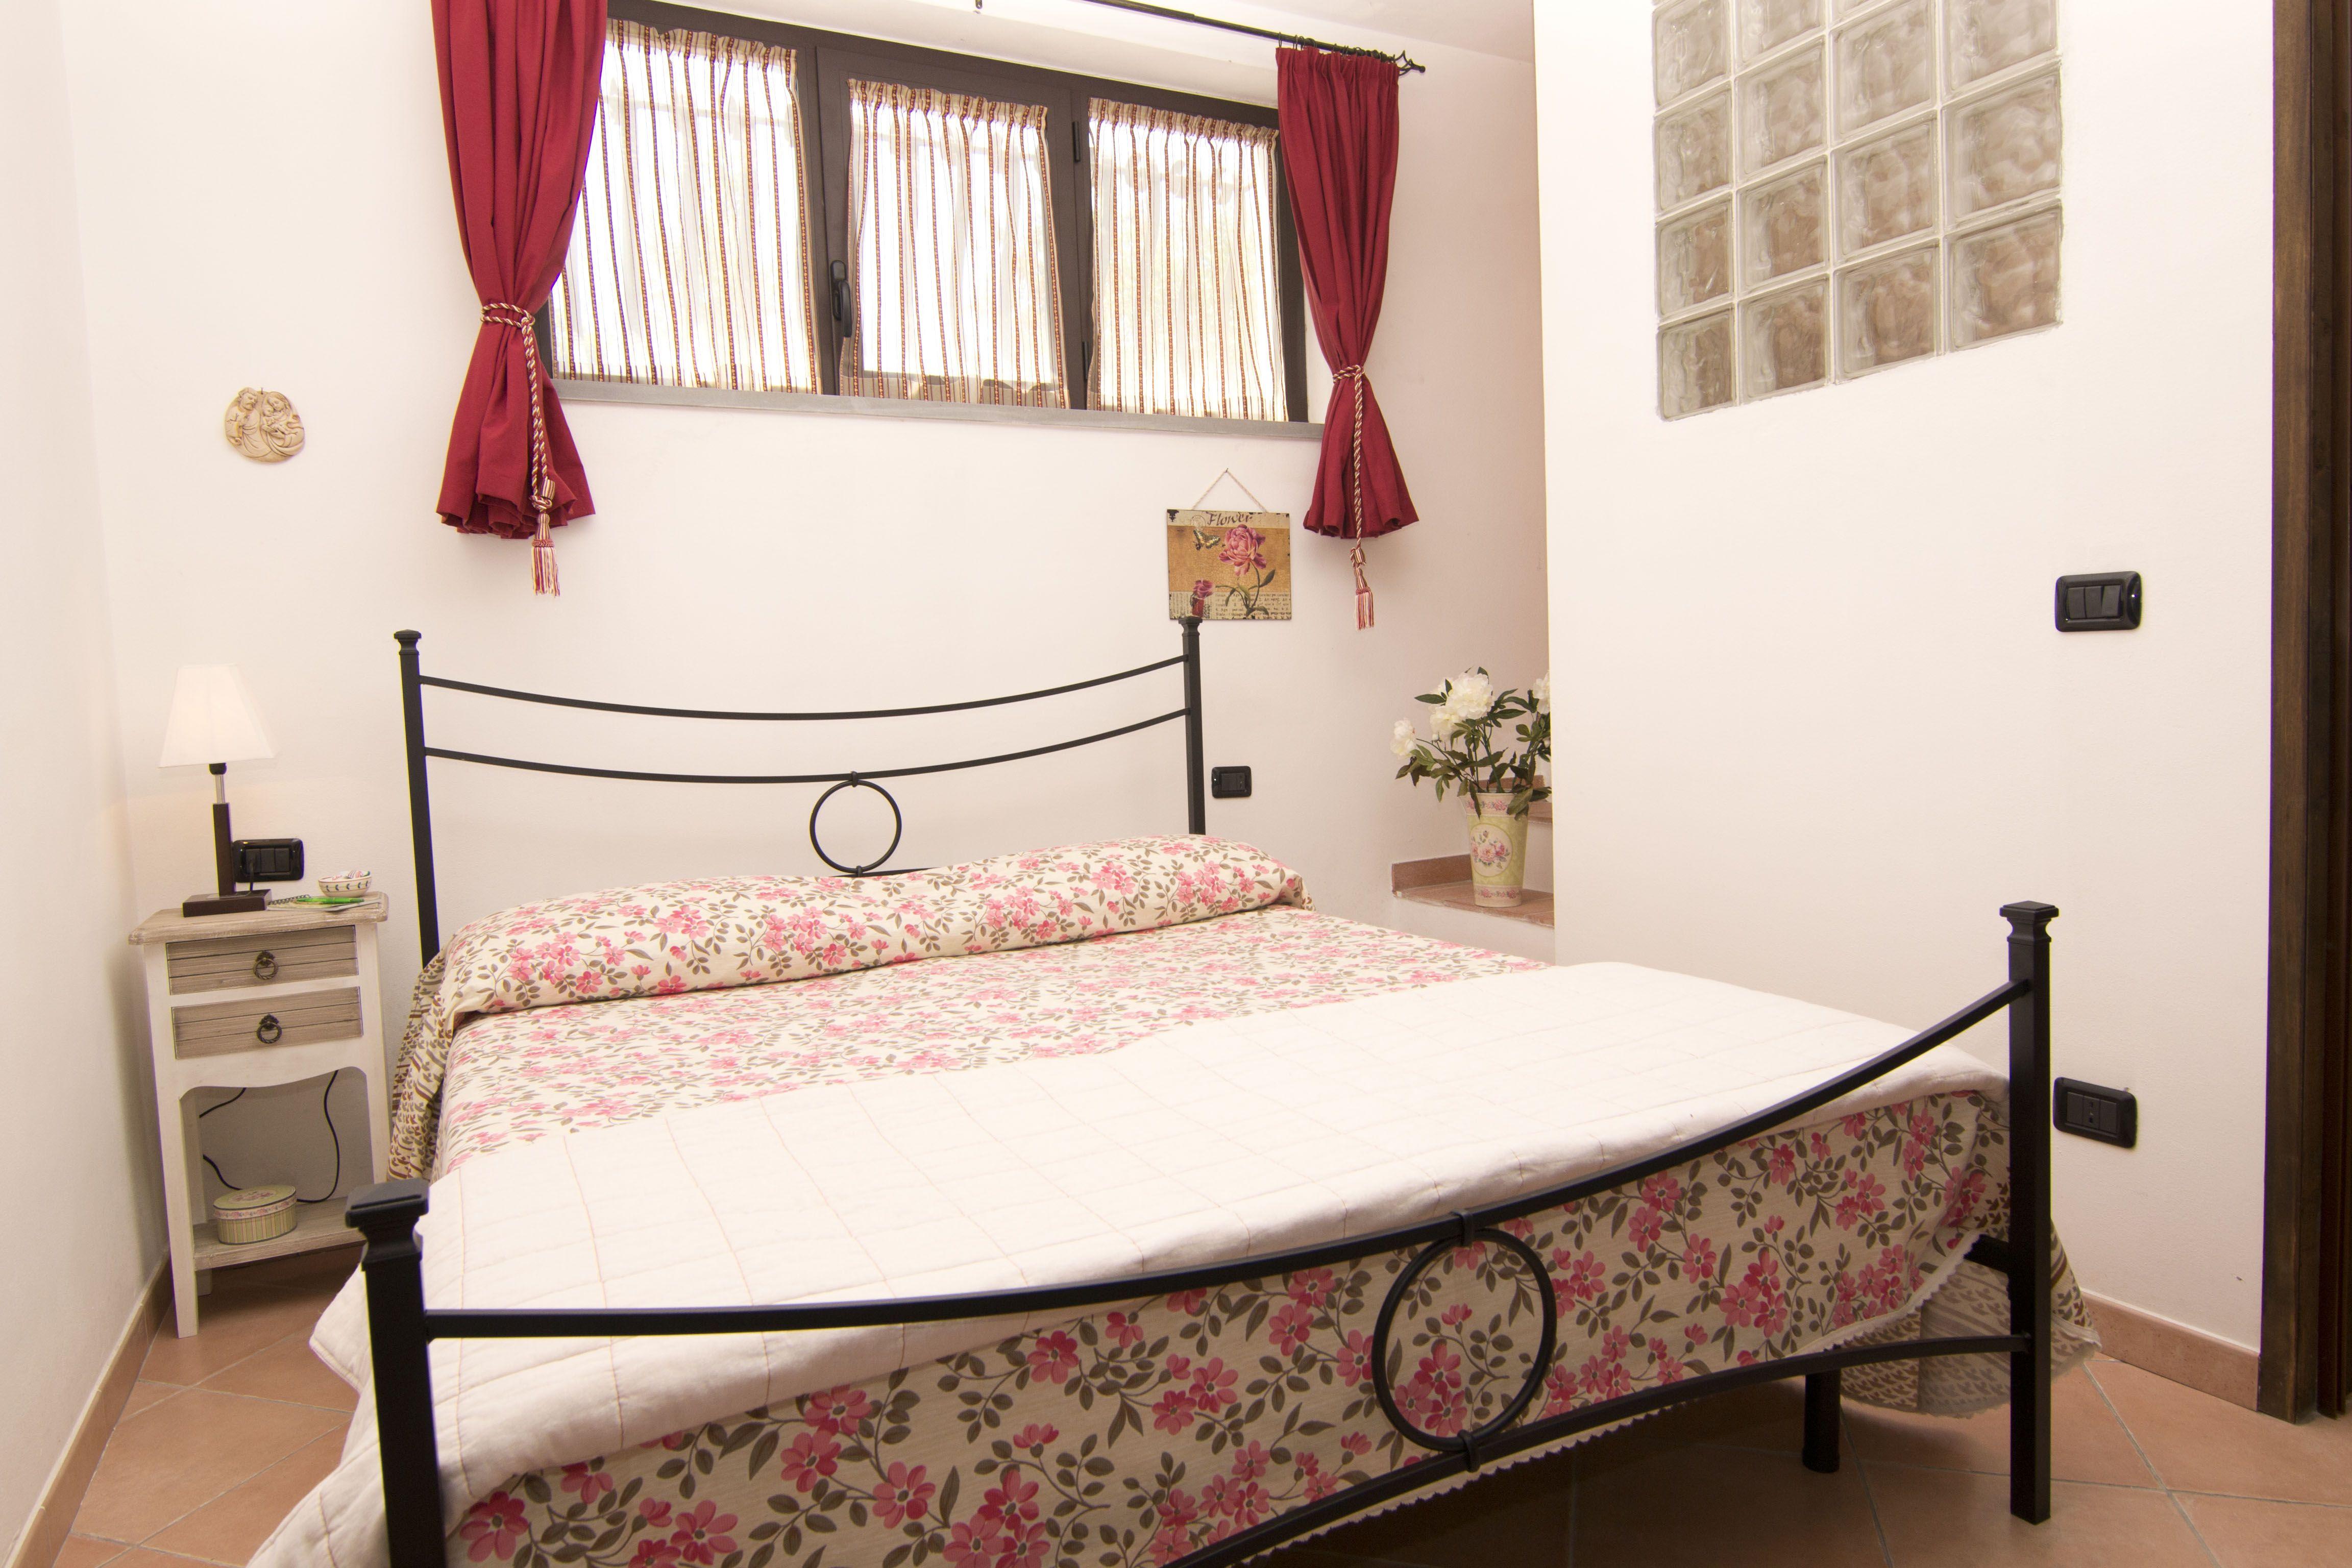 Camere Tumblr Quality : Relativamente oggetti tumblr camera bl pineglen